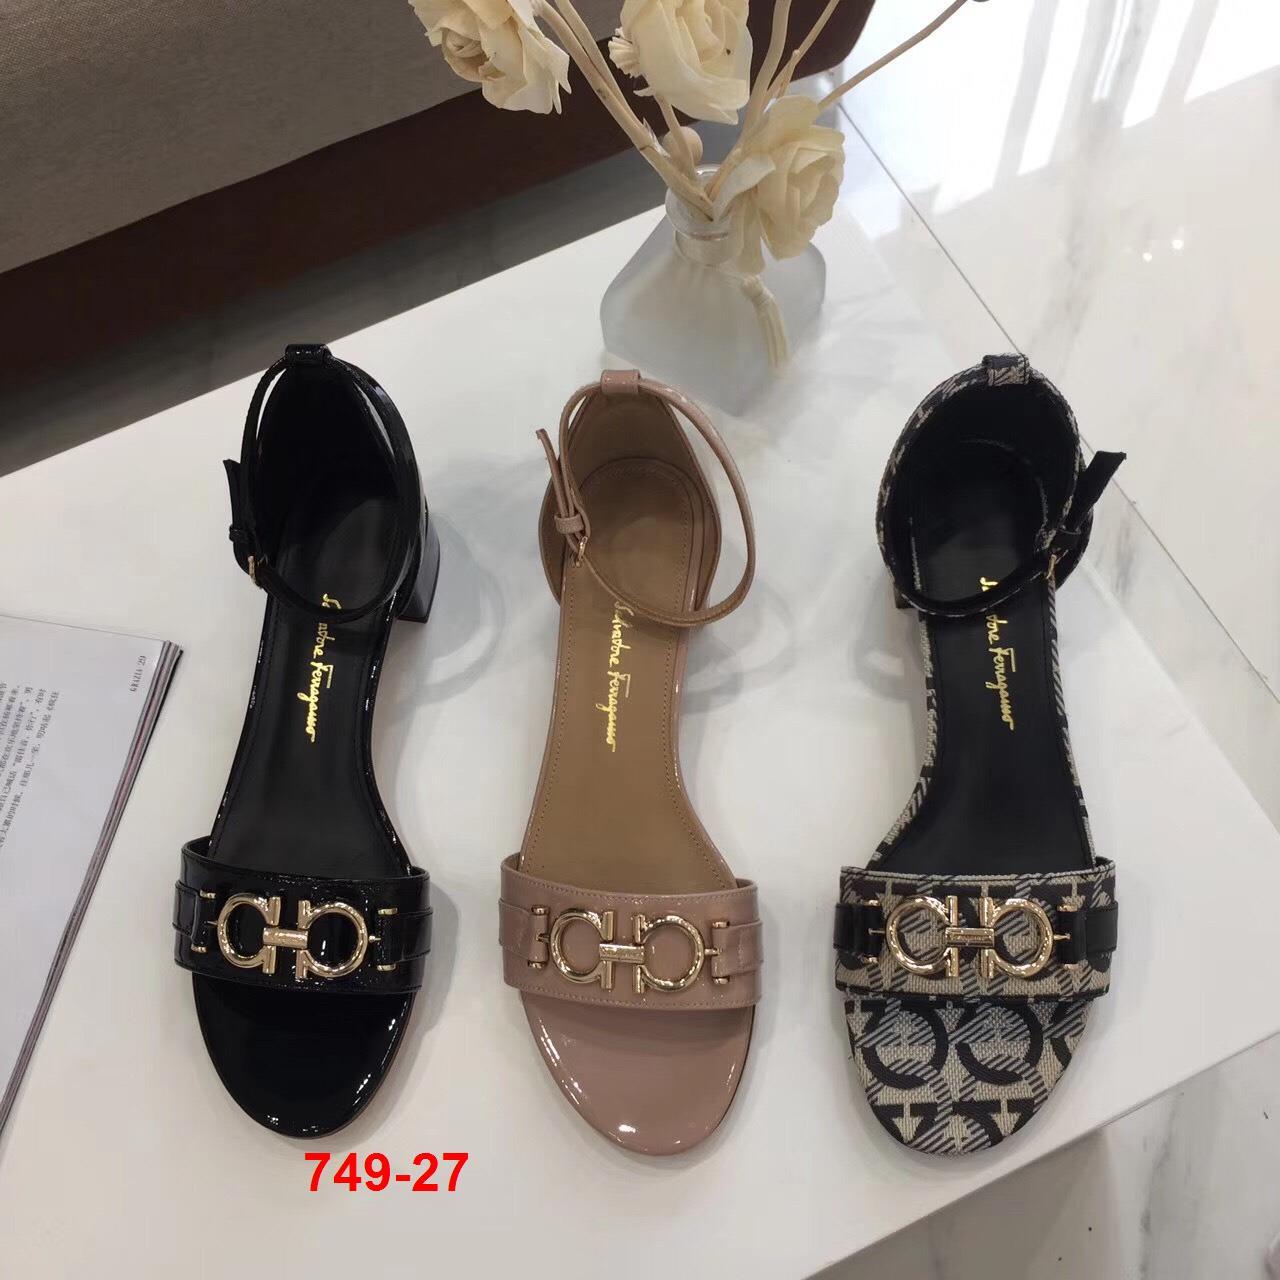 749-27 Salvatore Ferragamo sandal cao 4cm siêu cấp